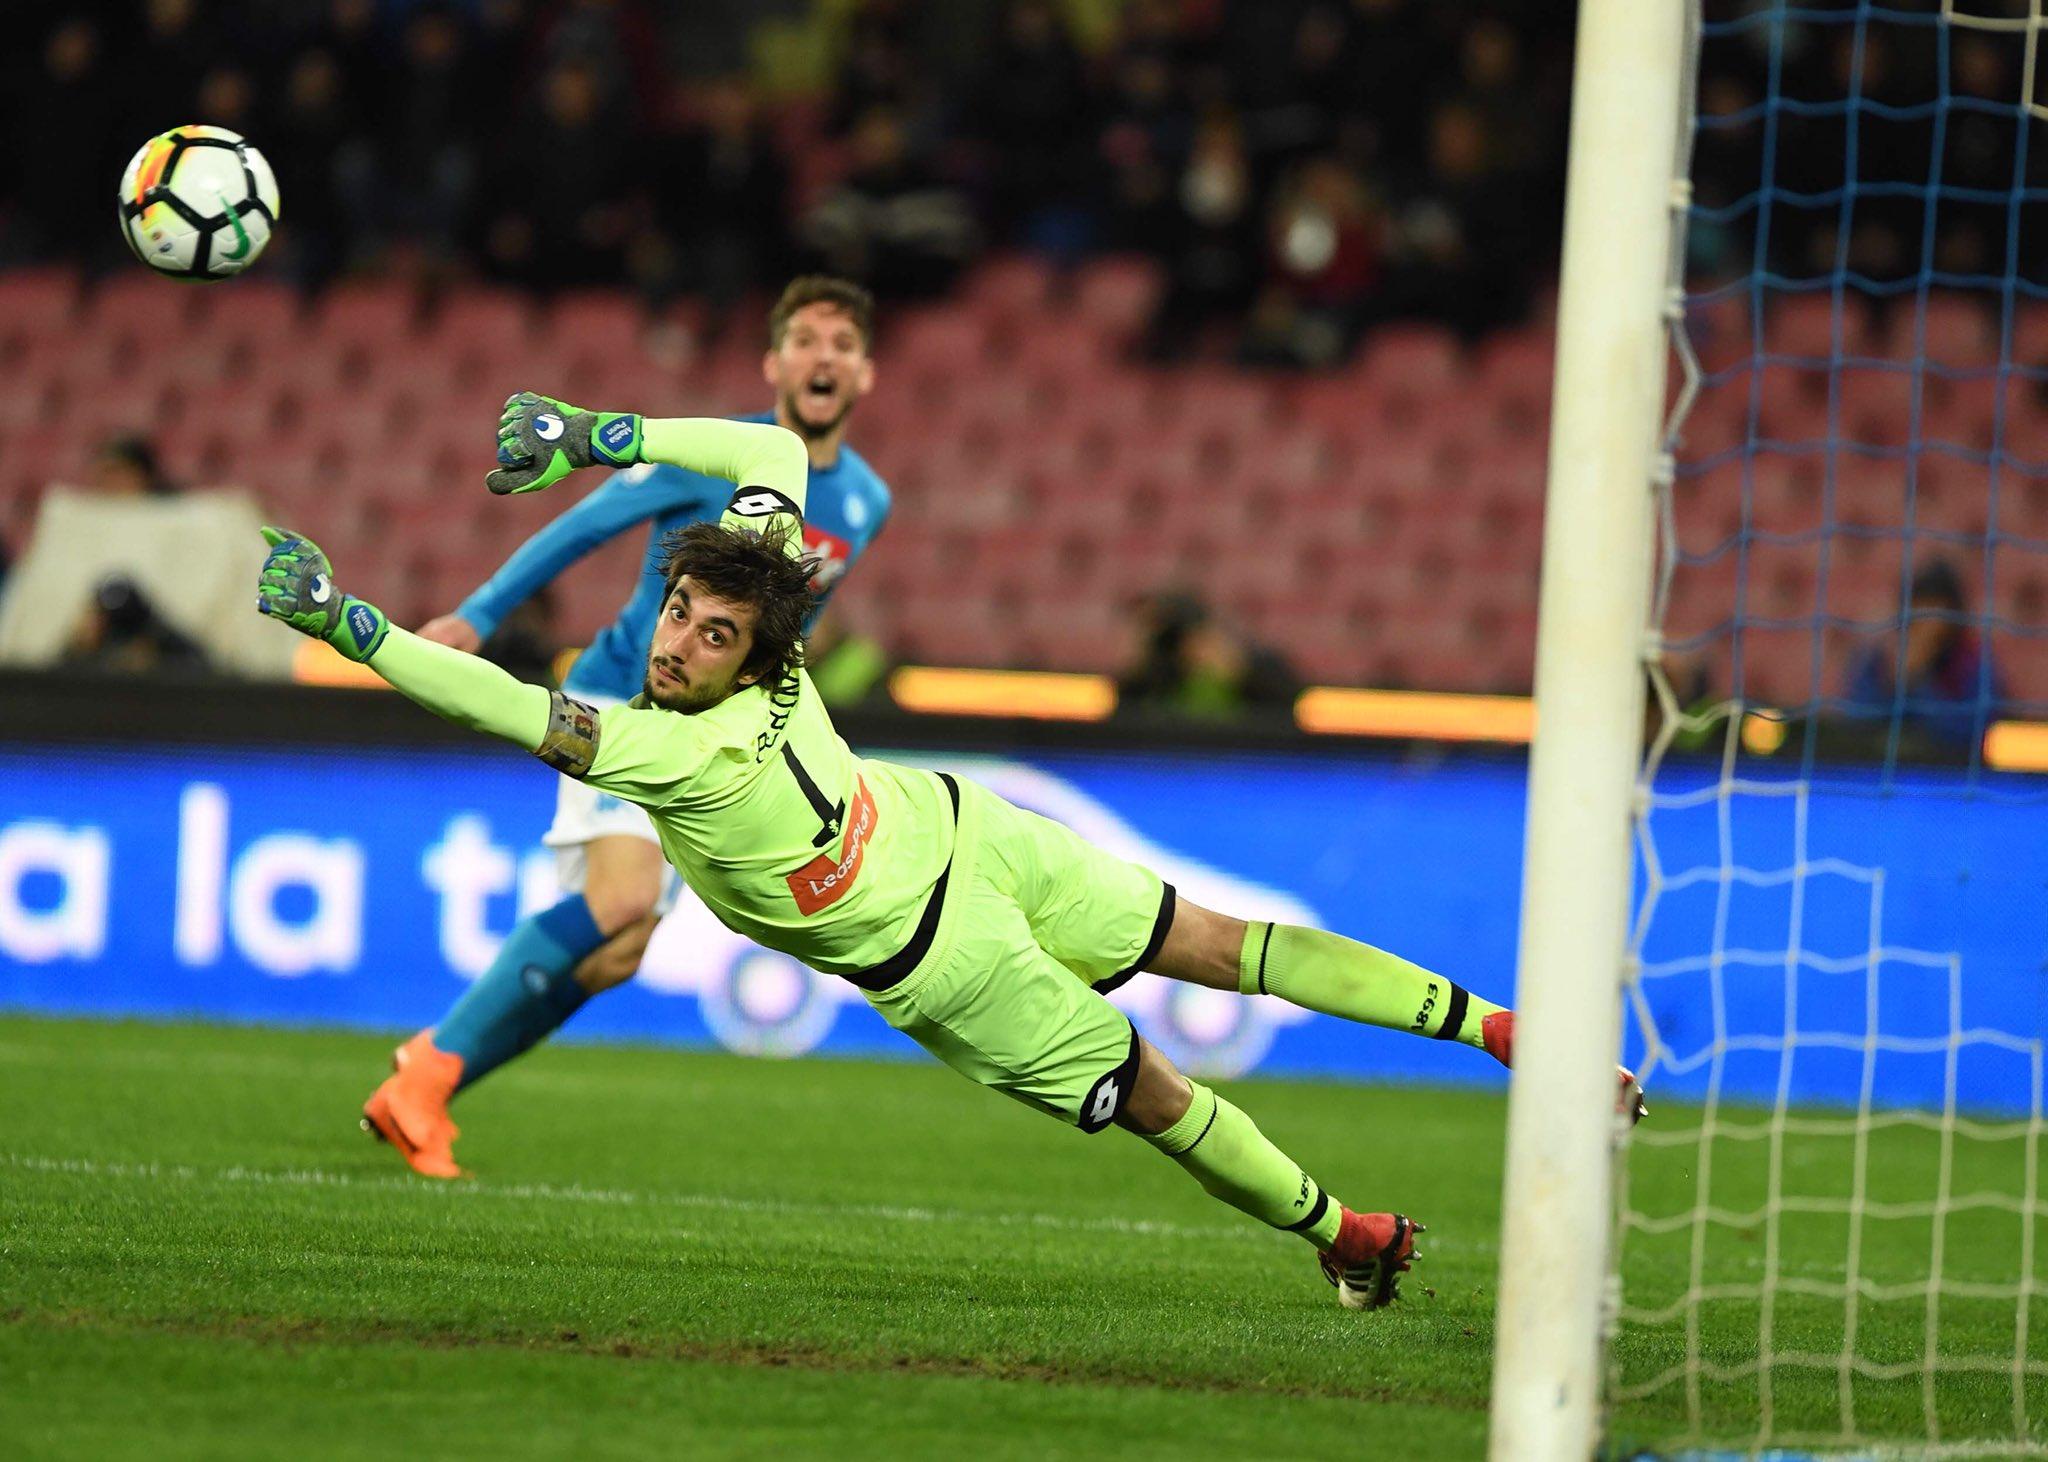 Napoli-Genoa 0-0, il primo tempo: prima metà rossoblu, finale in crescendo con palo di Insigne